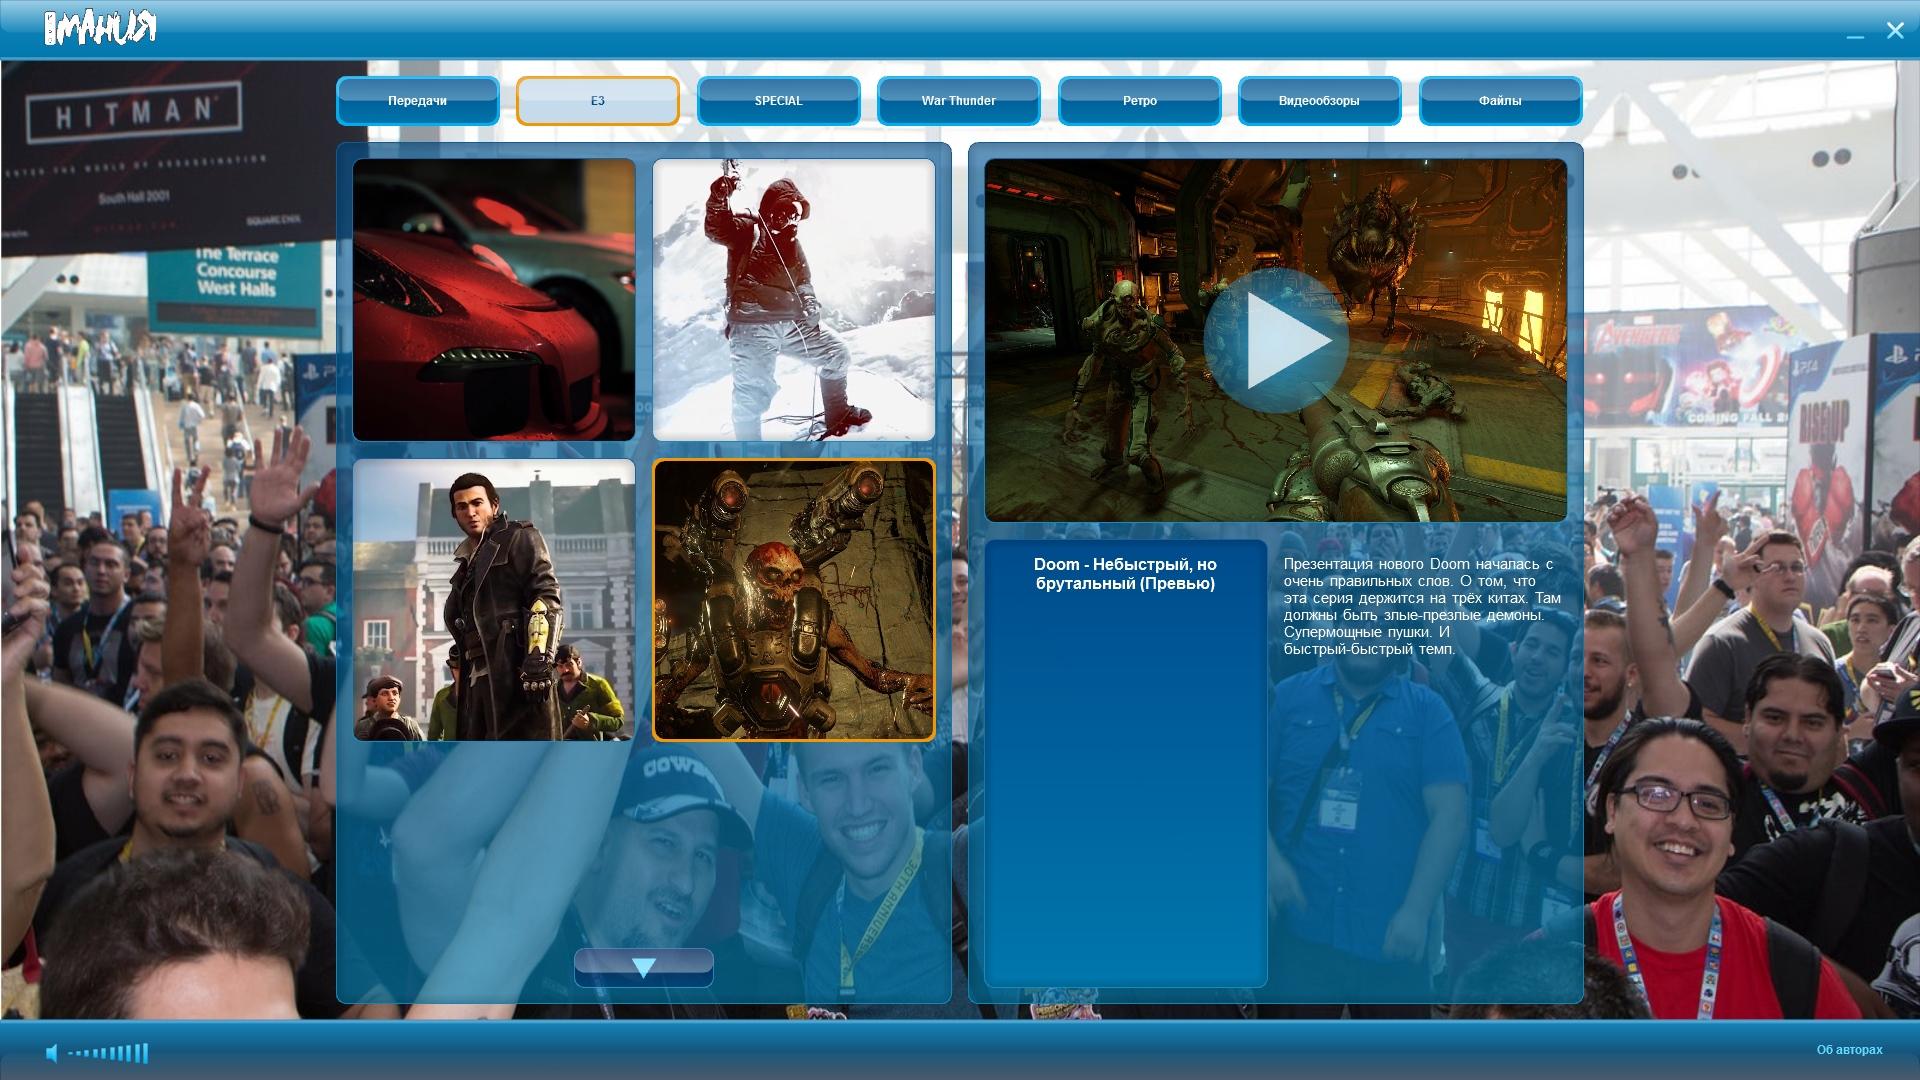 Скриншот Игромания №8 (Август 2015) Видеомания